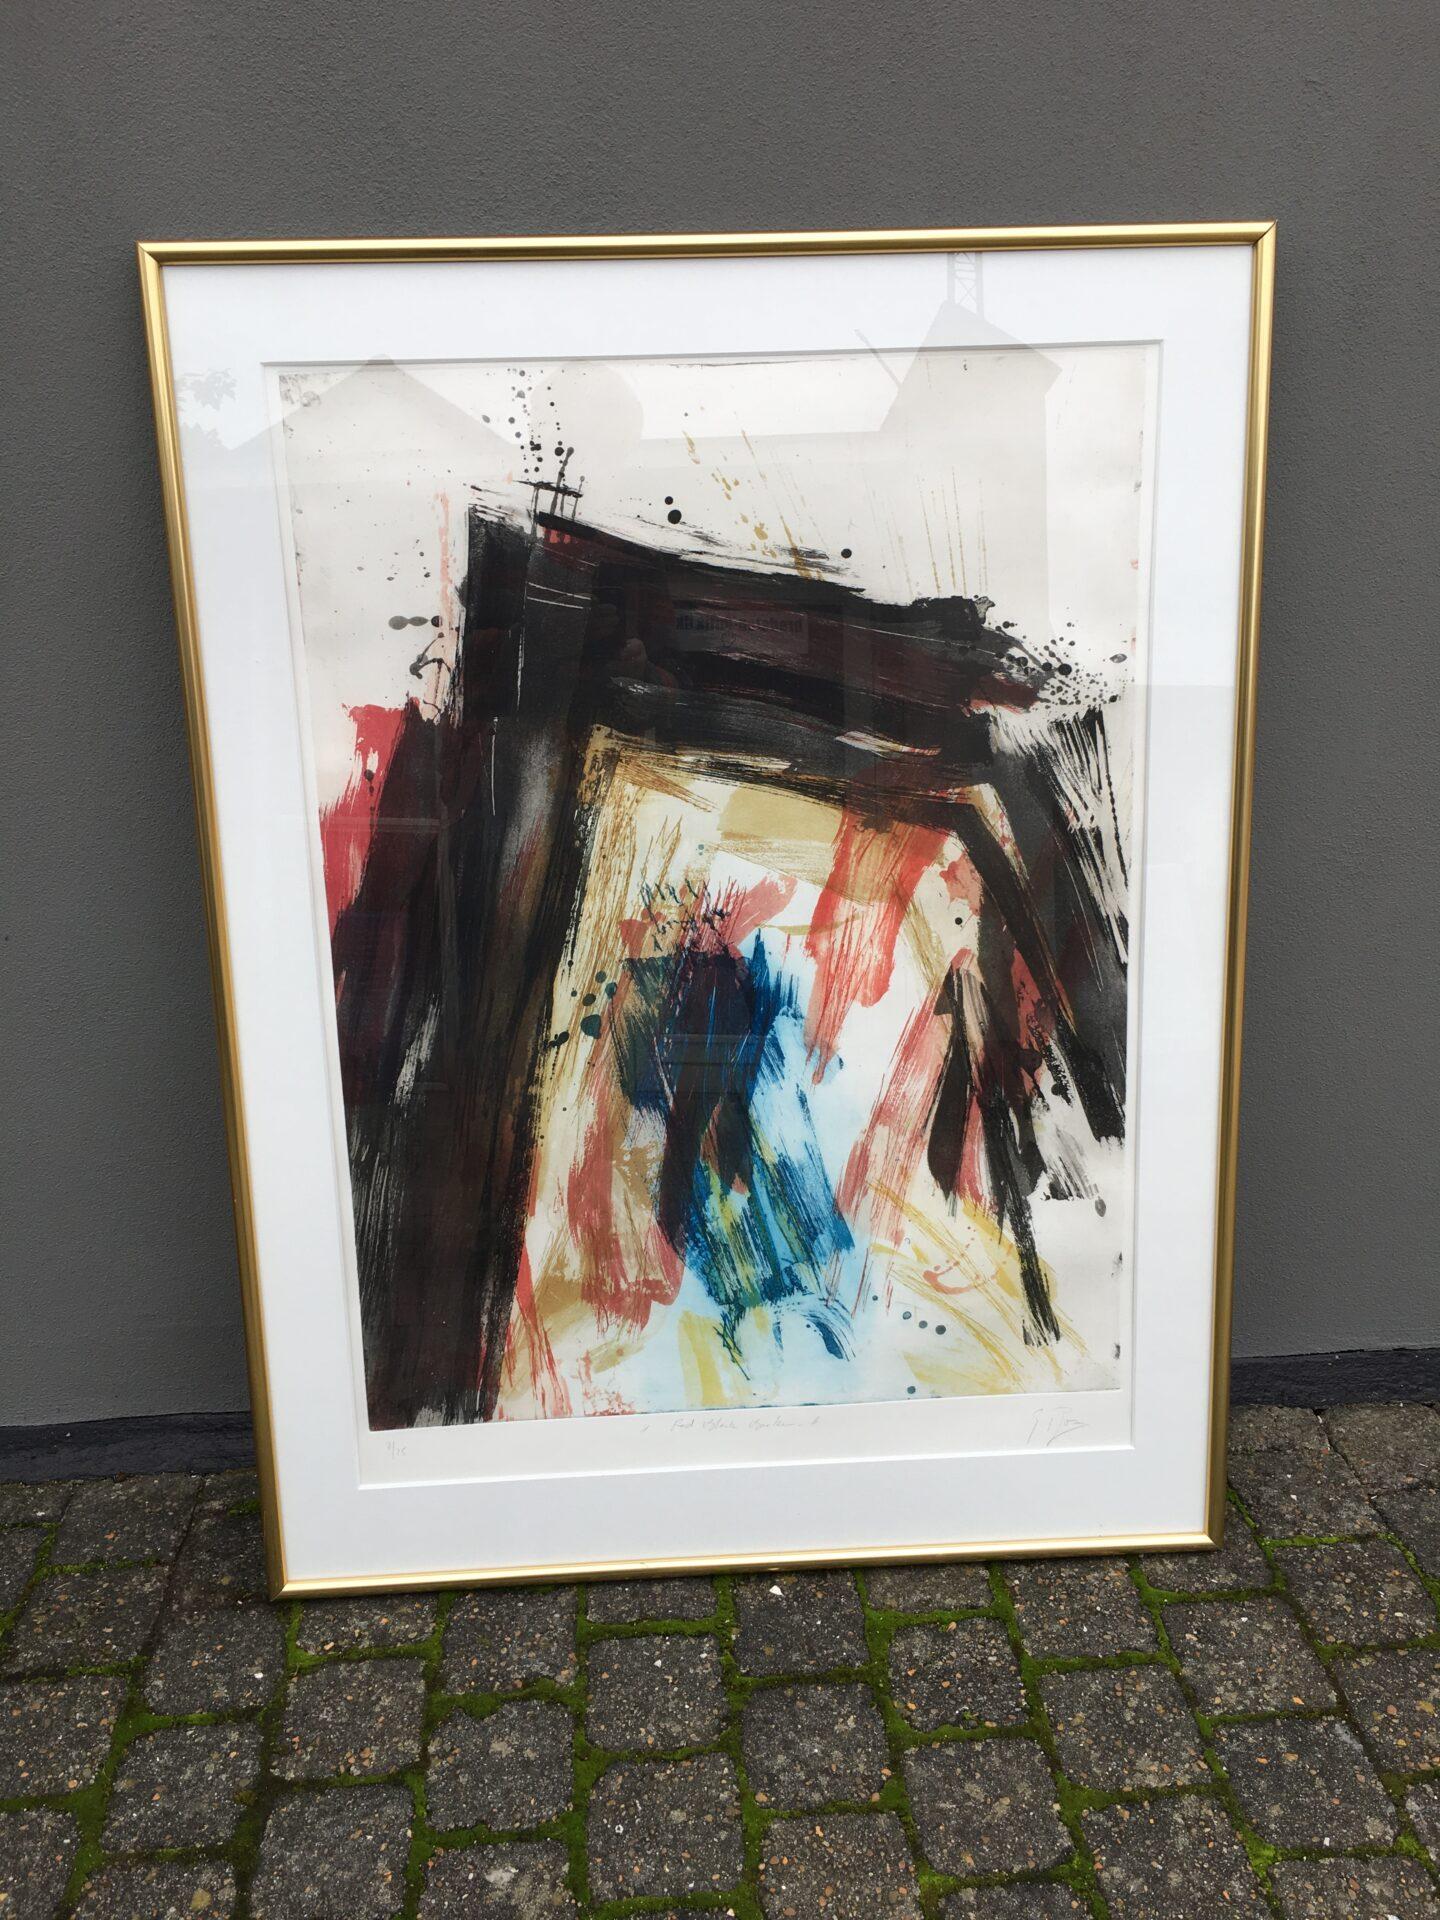 Stort dansk Litografi, nr 7/25 (rammemål 95x127 cm) utydeligt signeret og betitlet, pris 800 kr